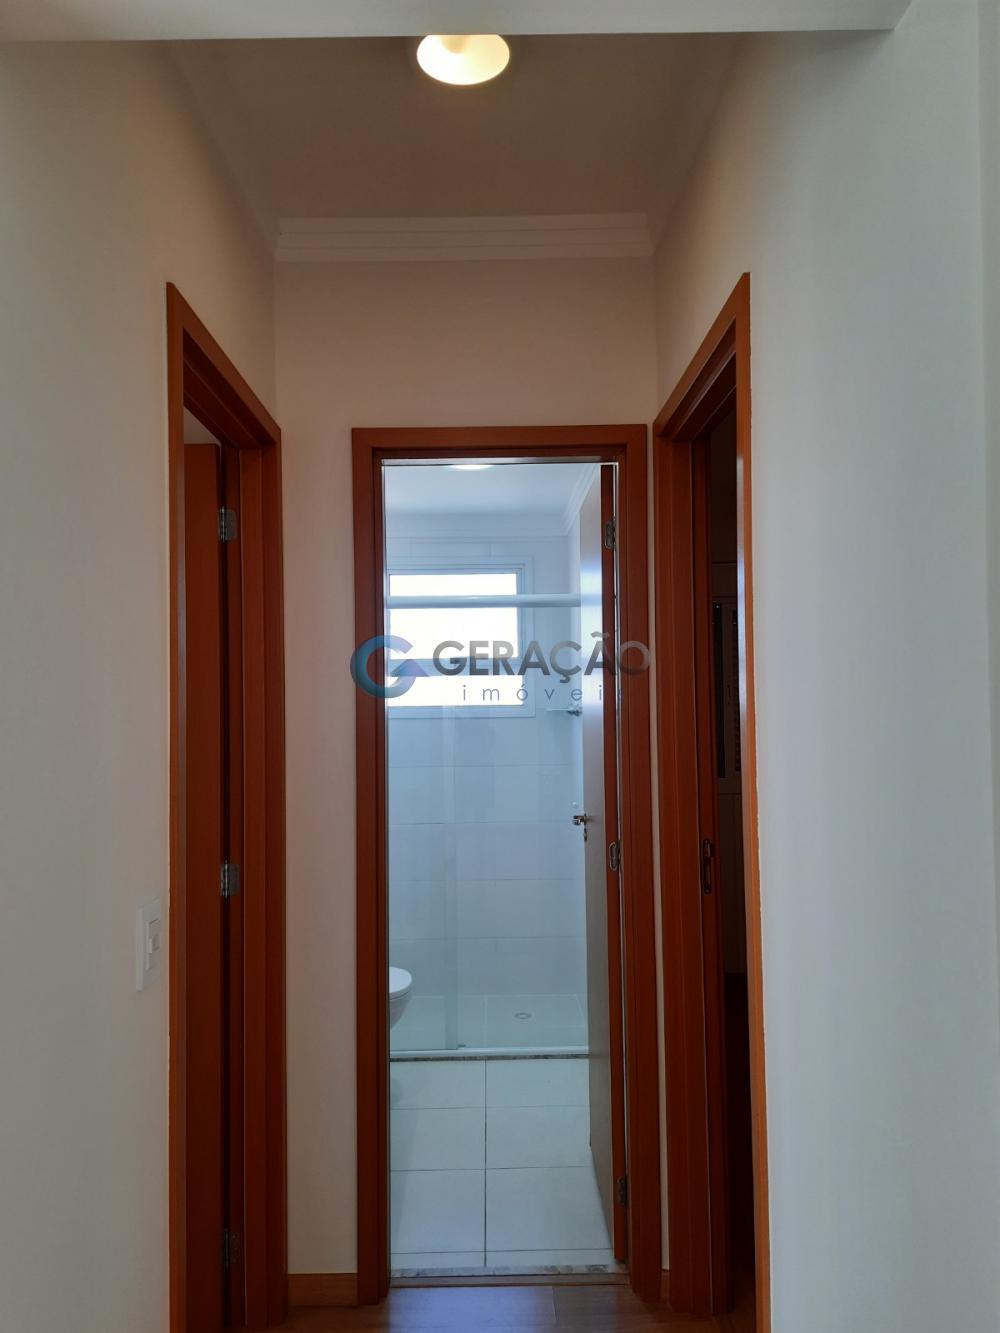 Alugar Apartamento / Padrão em São José dos Campos R$ 2.600,00 - Foto 10